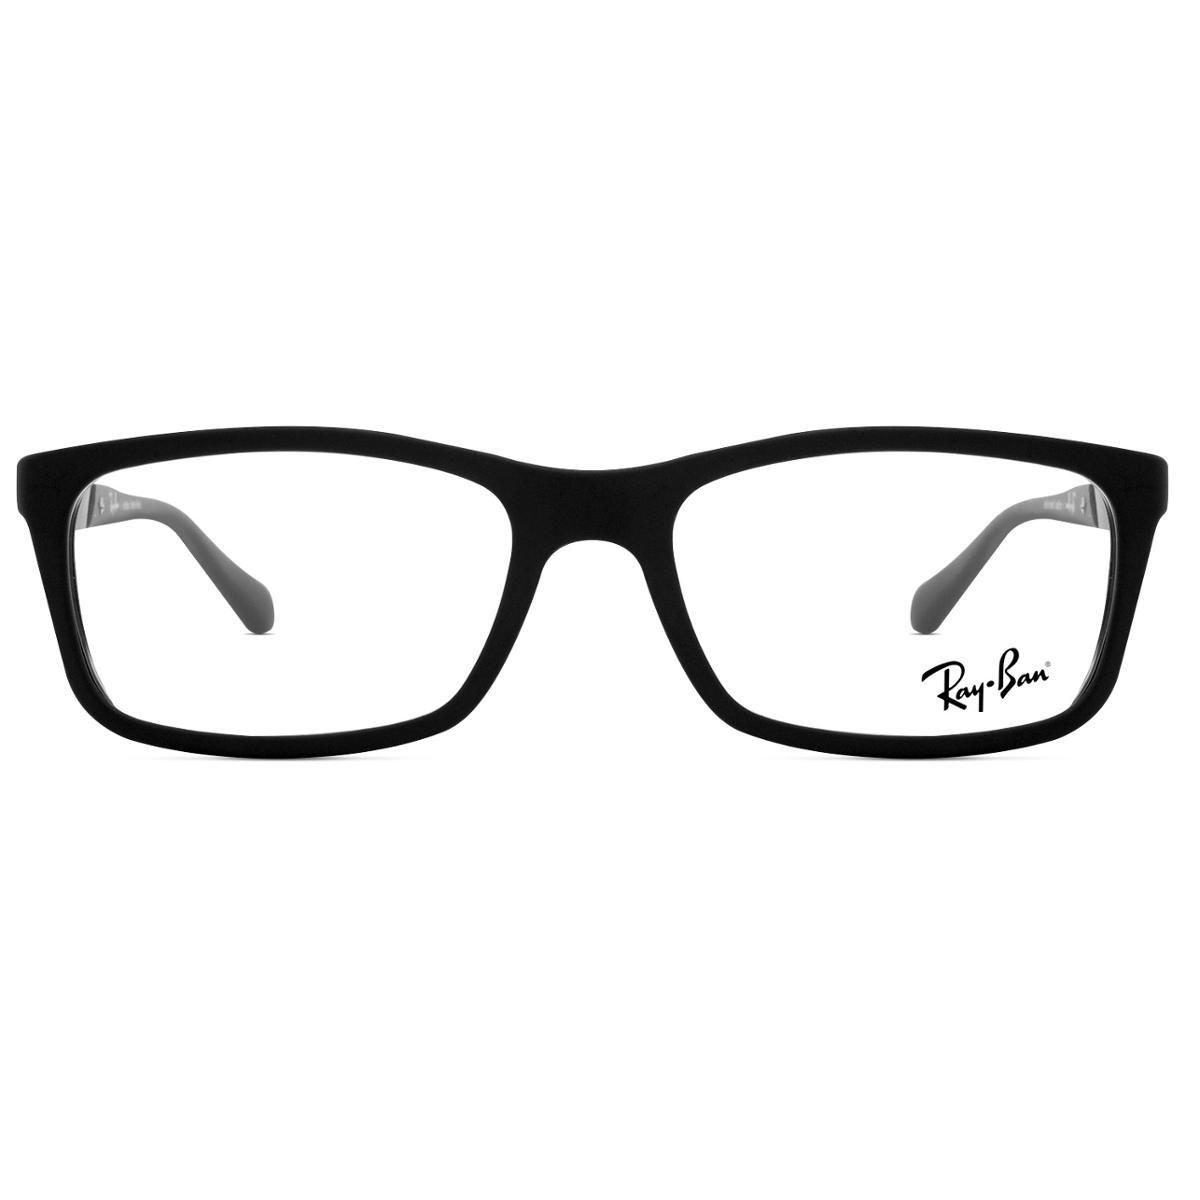 e03281898c2cd Armação Óculos de Grau Ray Ban RX7040L-5196-53 - Preto